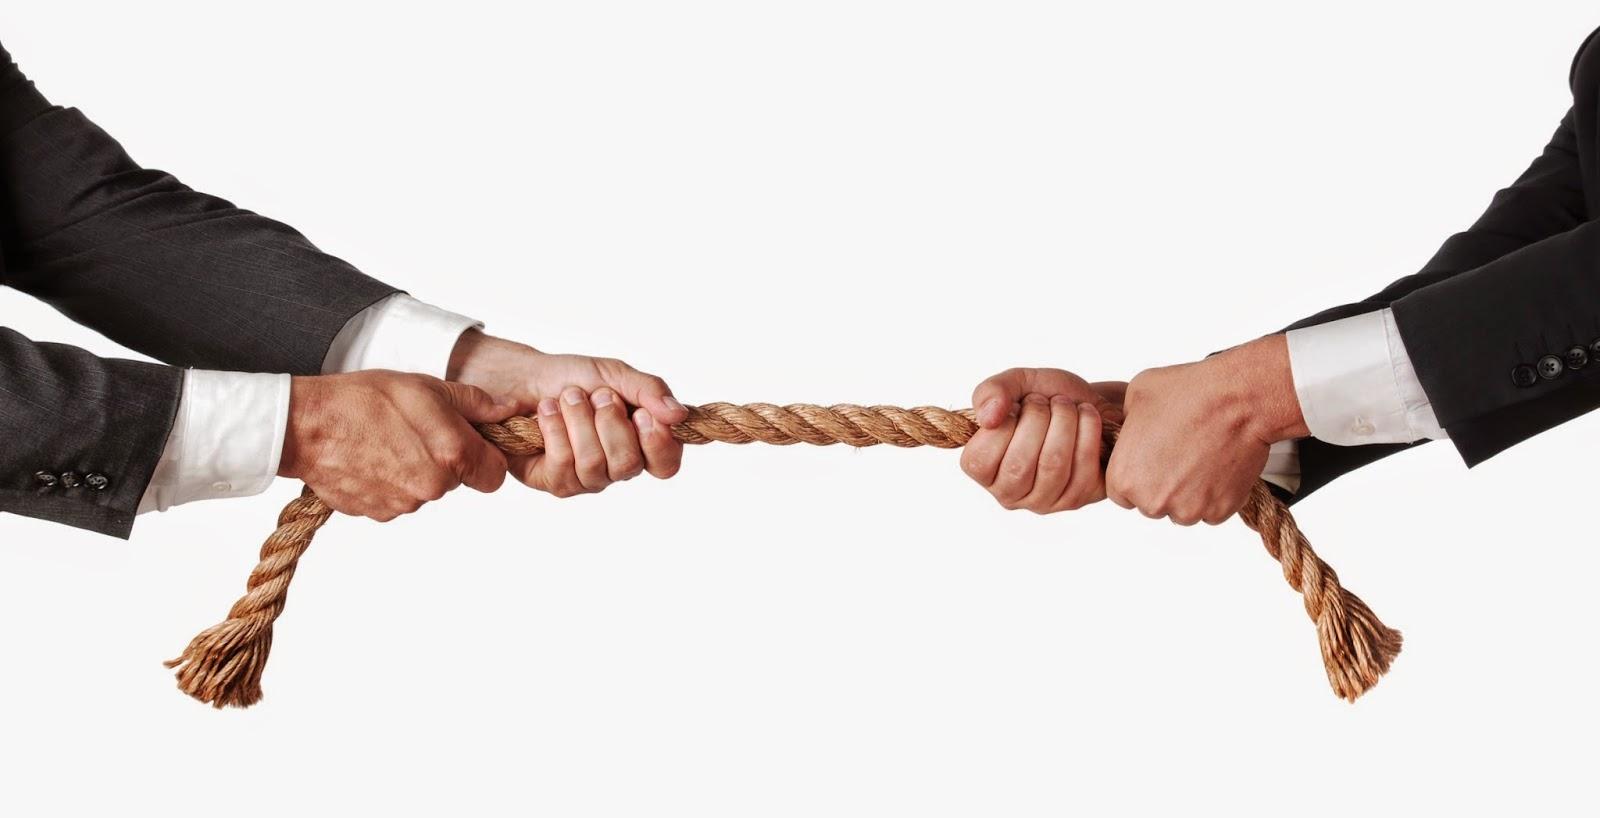 مهارات التفاوض والإقناع والتأثير